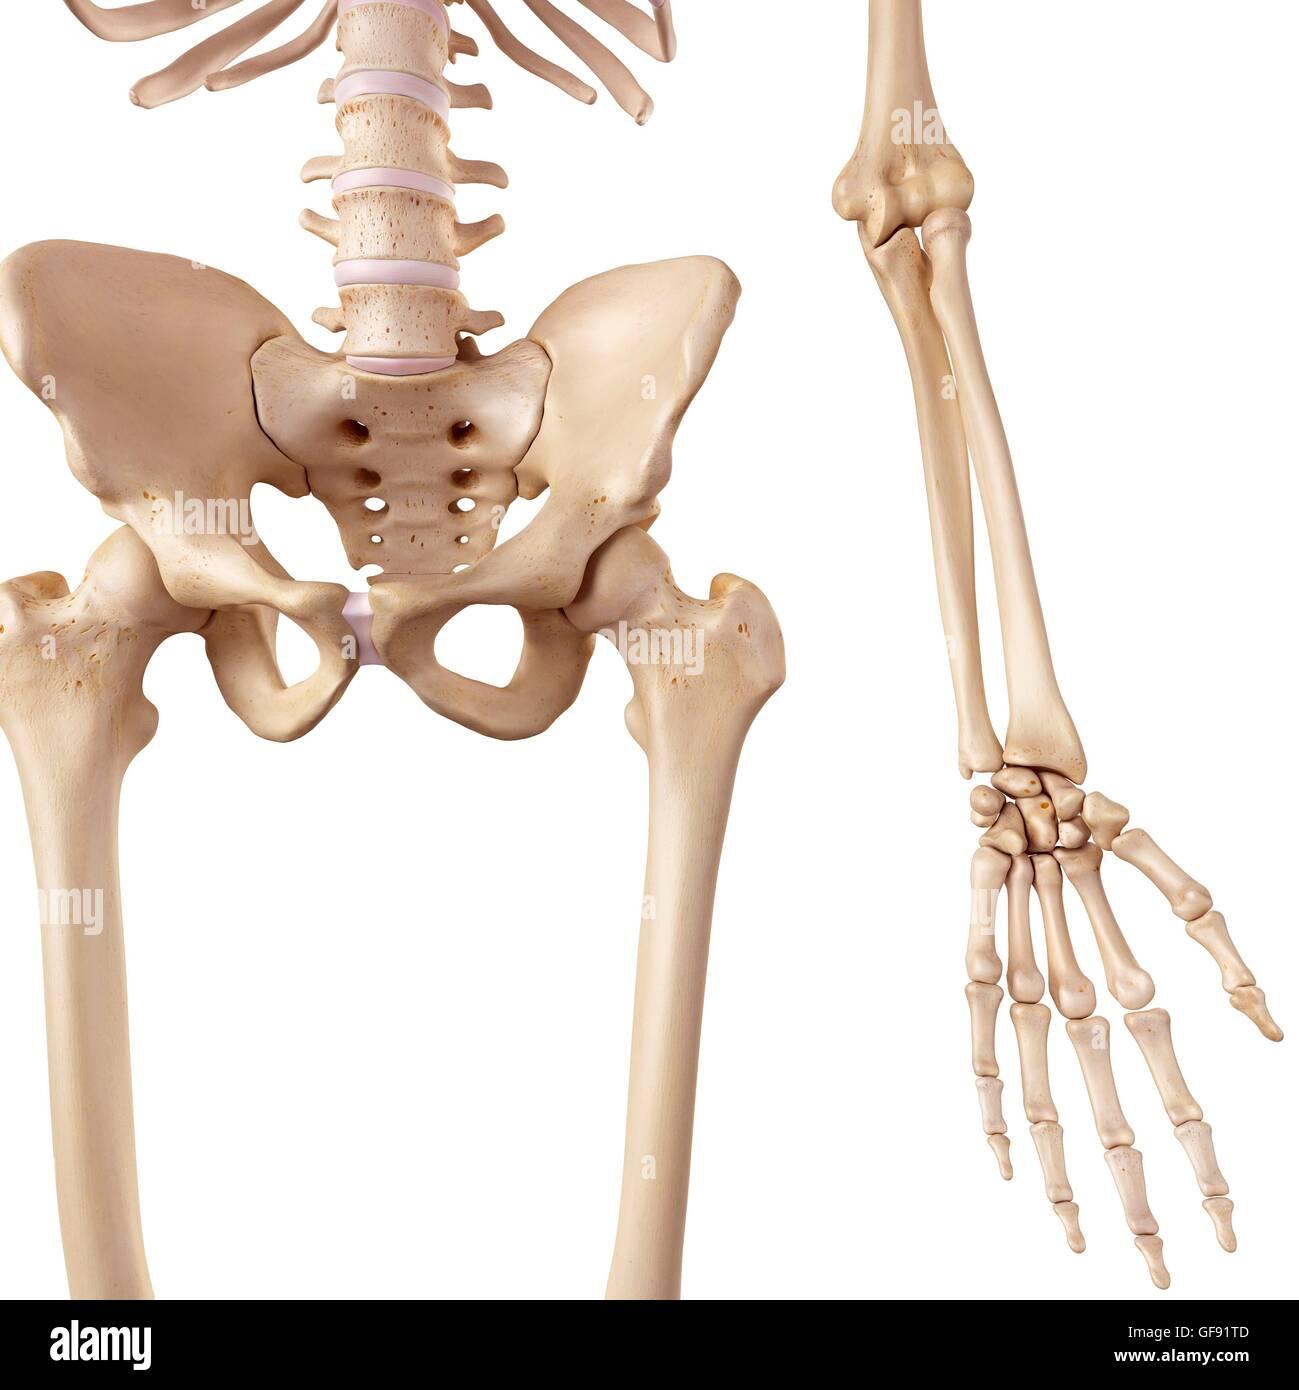 Beste Anatomie Hüftknochen Fotos - Menschliche Anatomie Bilder ...